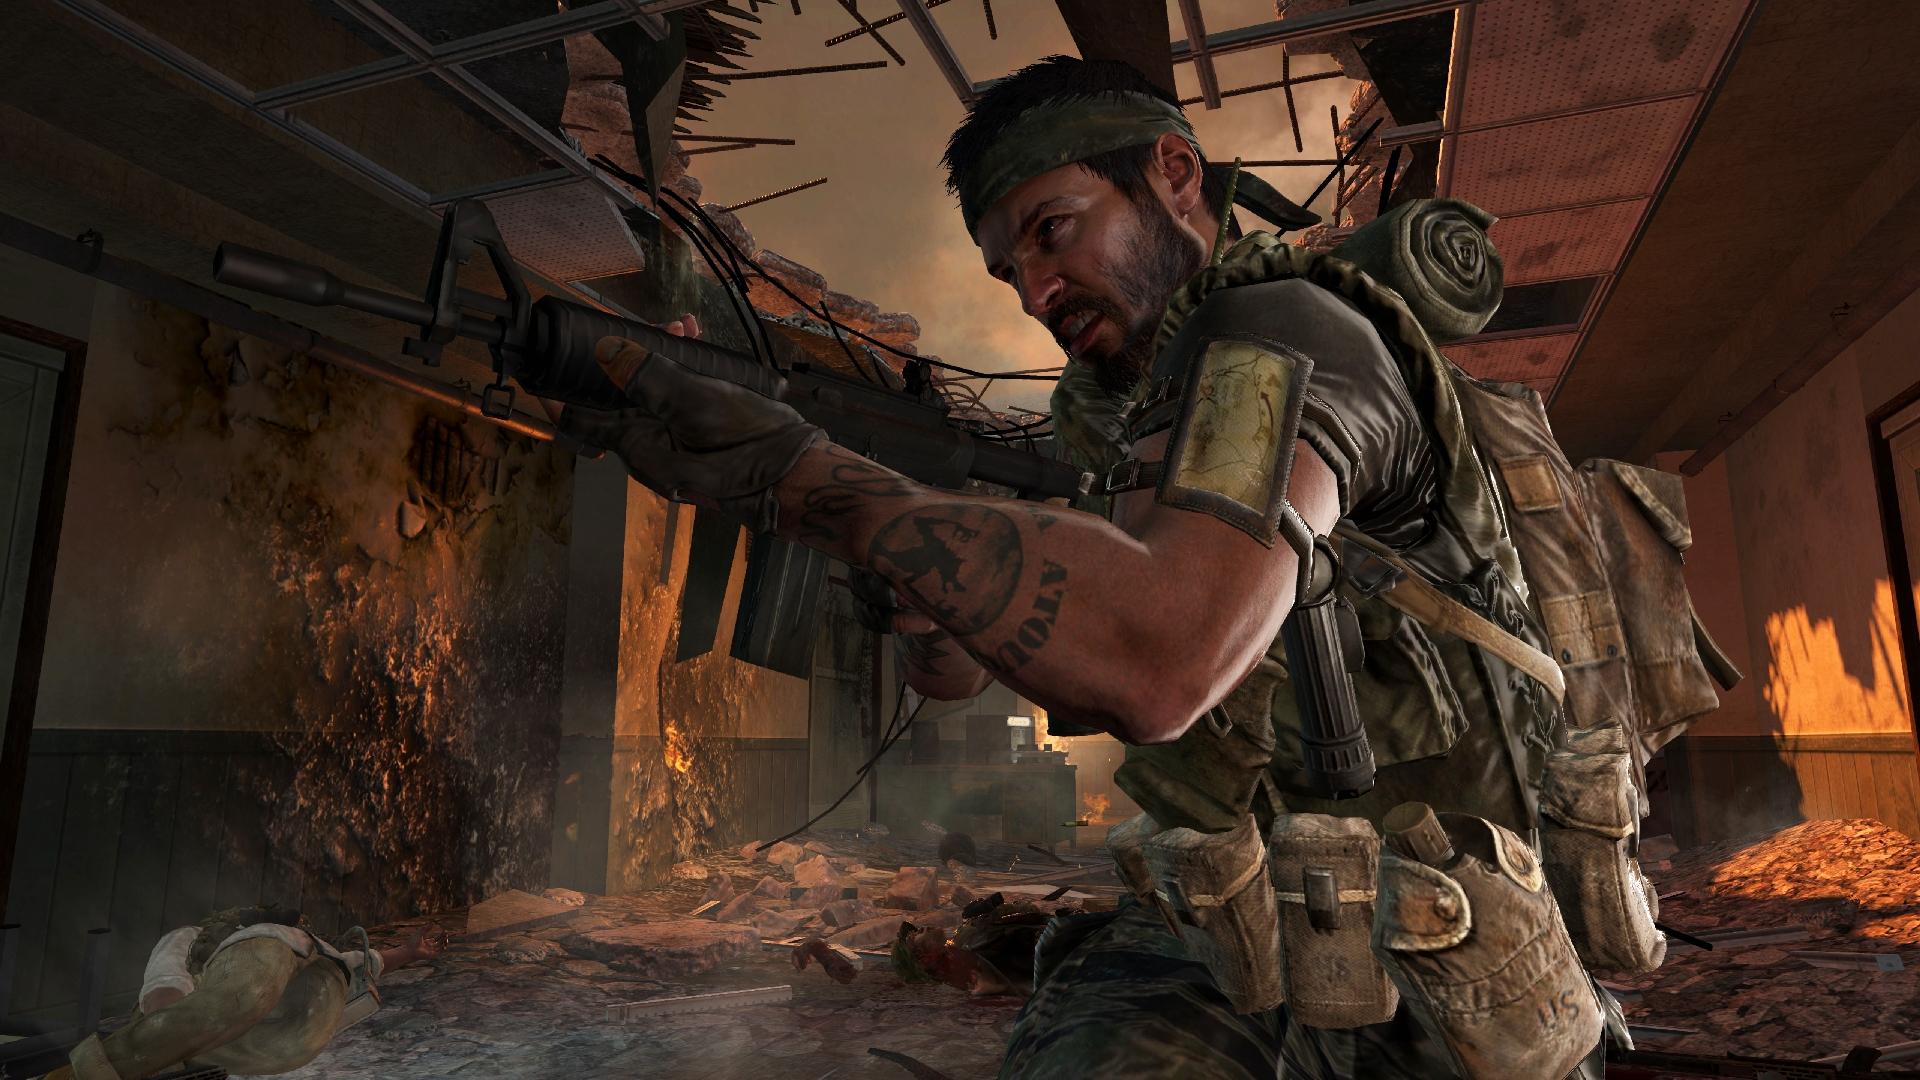 Call of Duty: Black Ops recibe mejoras de rendimiento en nuevo parche para PC [Parches]